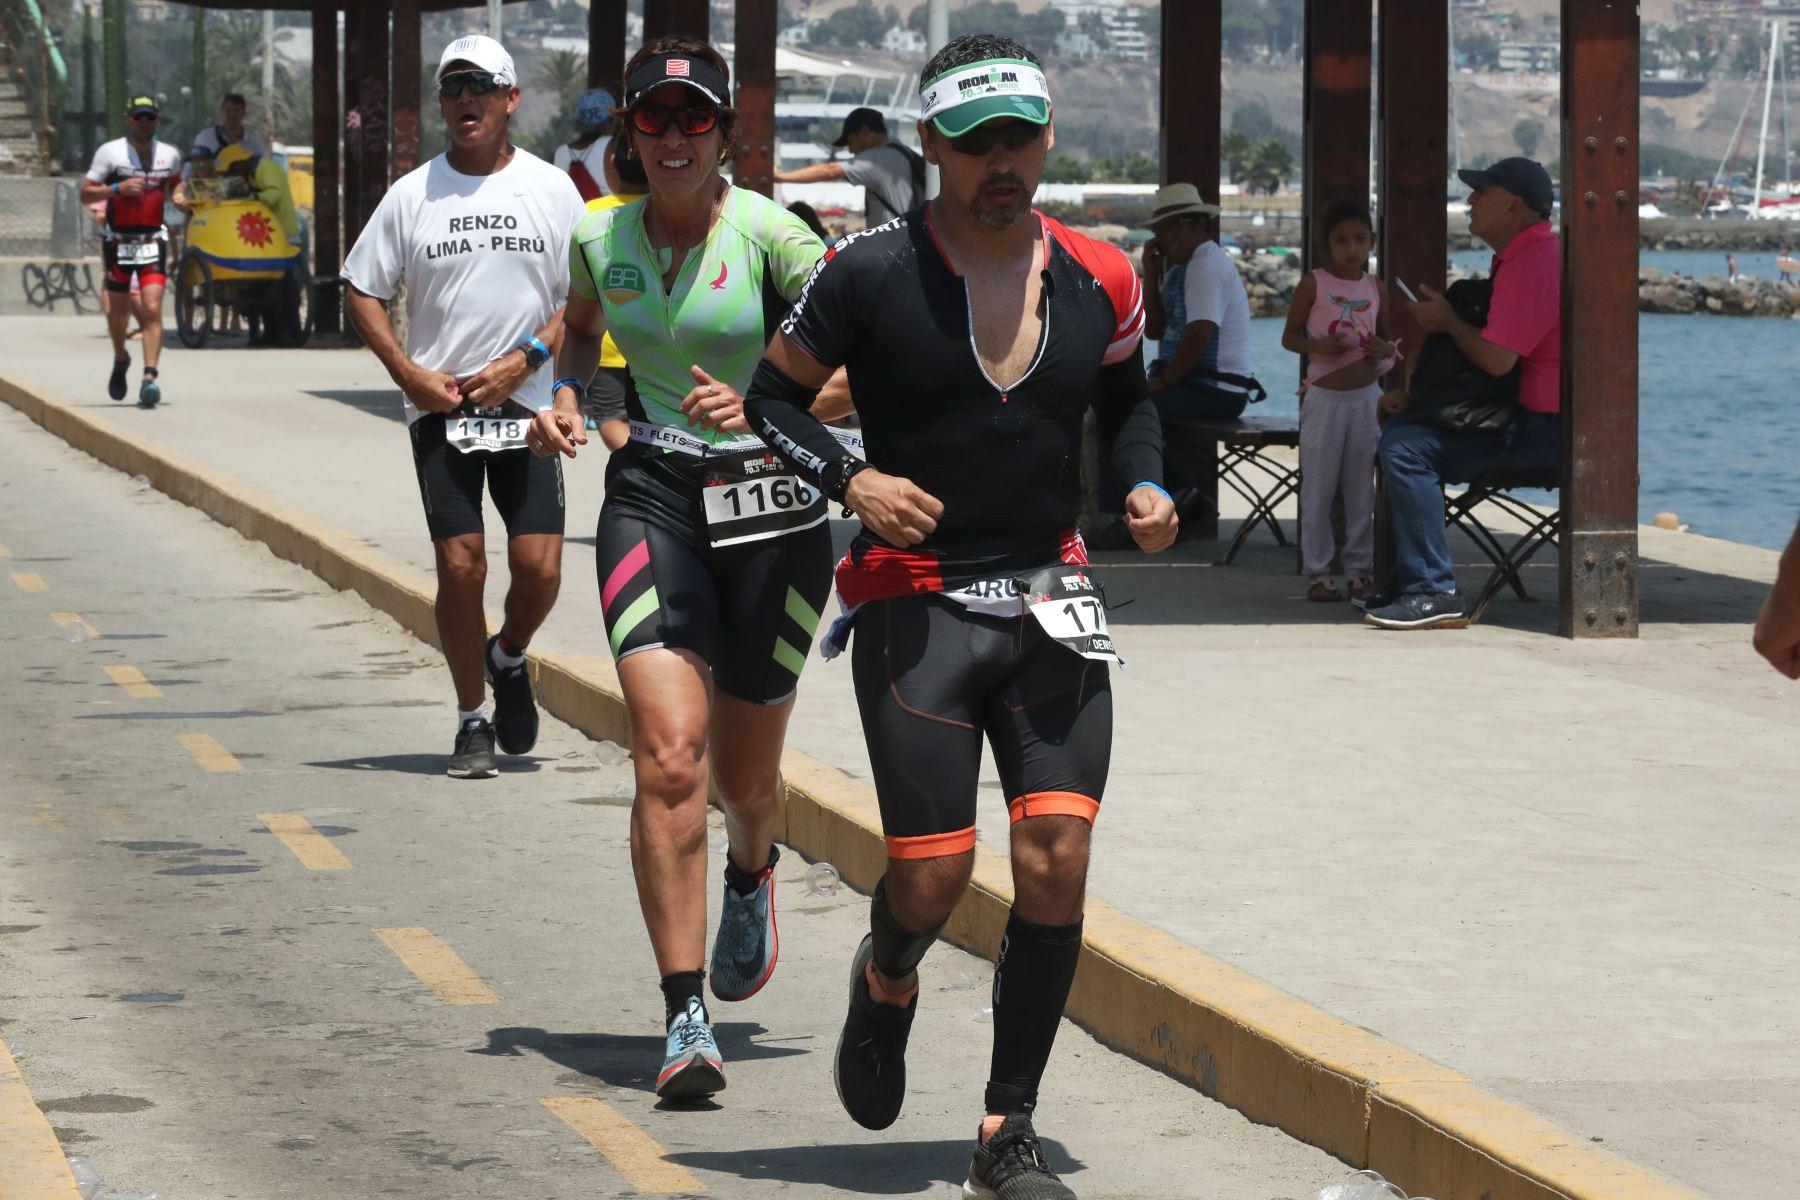 Los participantes en la triatlón IRONMAN 70.3 Perú 2109 compitieron en tres disciplinas: A nado 1.2 millas, recorrieron en bicicleta 90 kilometros y a trote 21 kilometros. El recorrido se realizó a lo largo de la costa verde. Foto: ANDINA/Melina Mejía